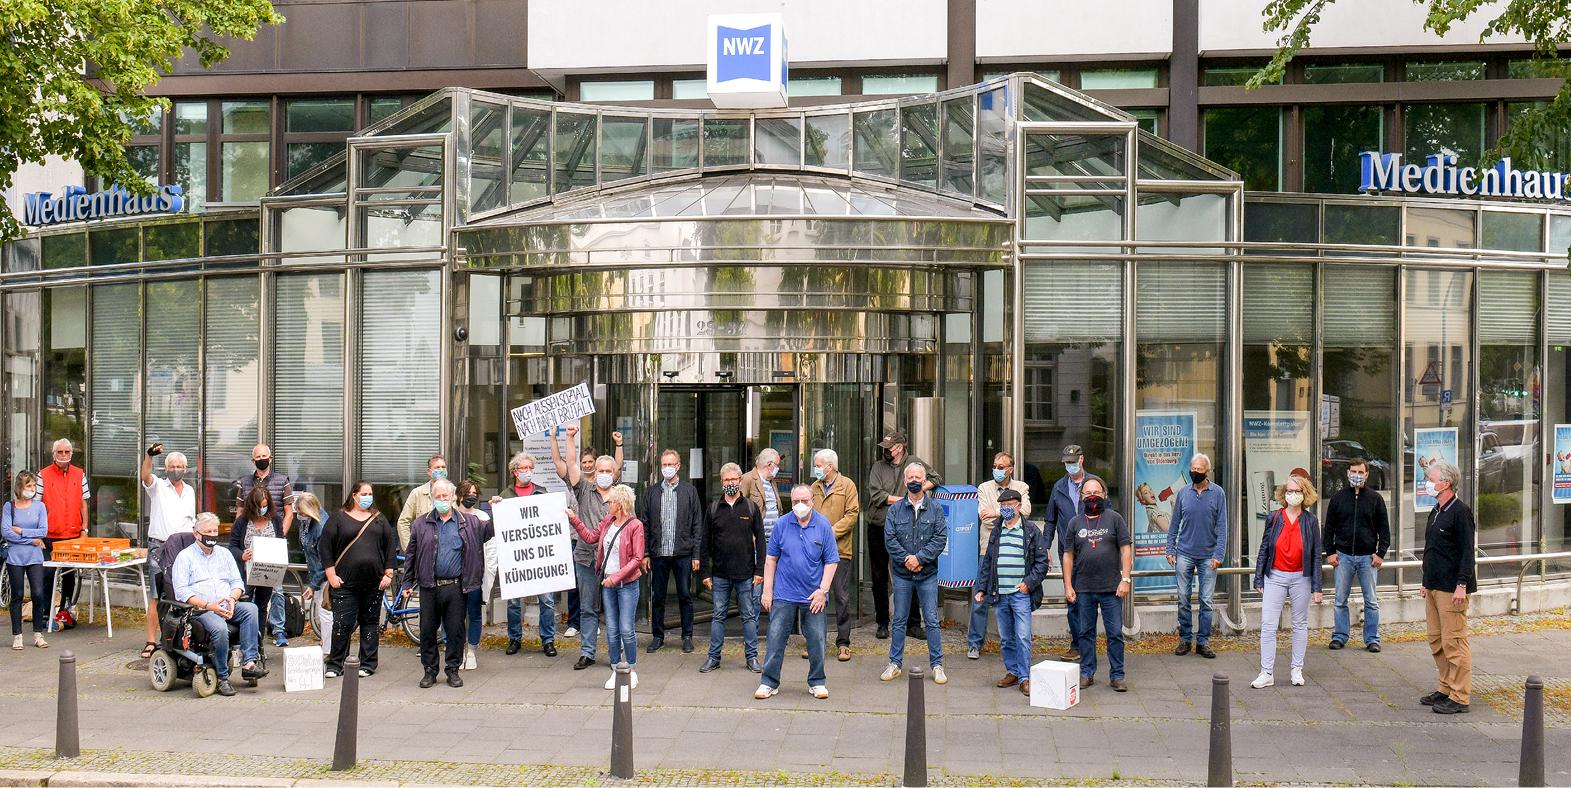 20200826-M-NWZ_Oldenburg_Protest_BAHLO_HiRes_016